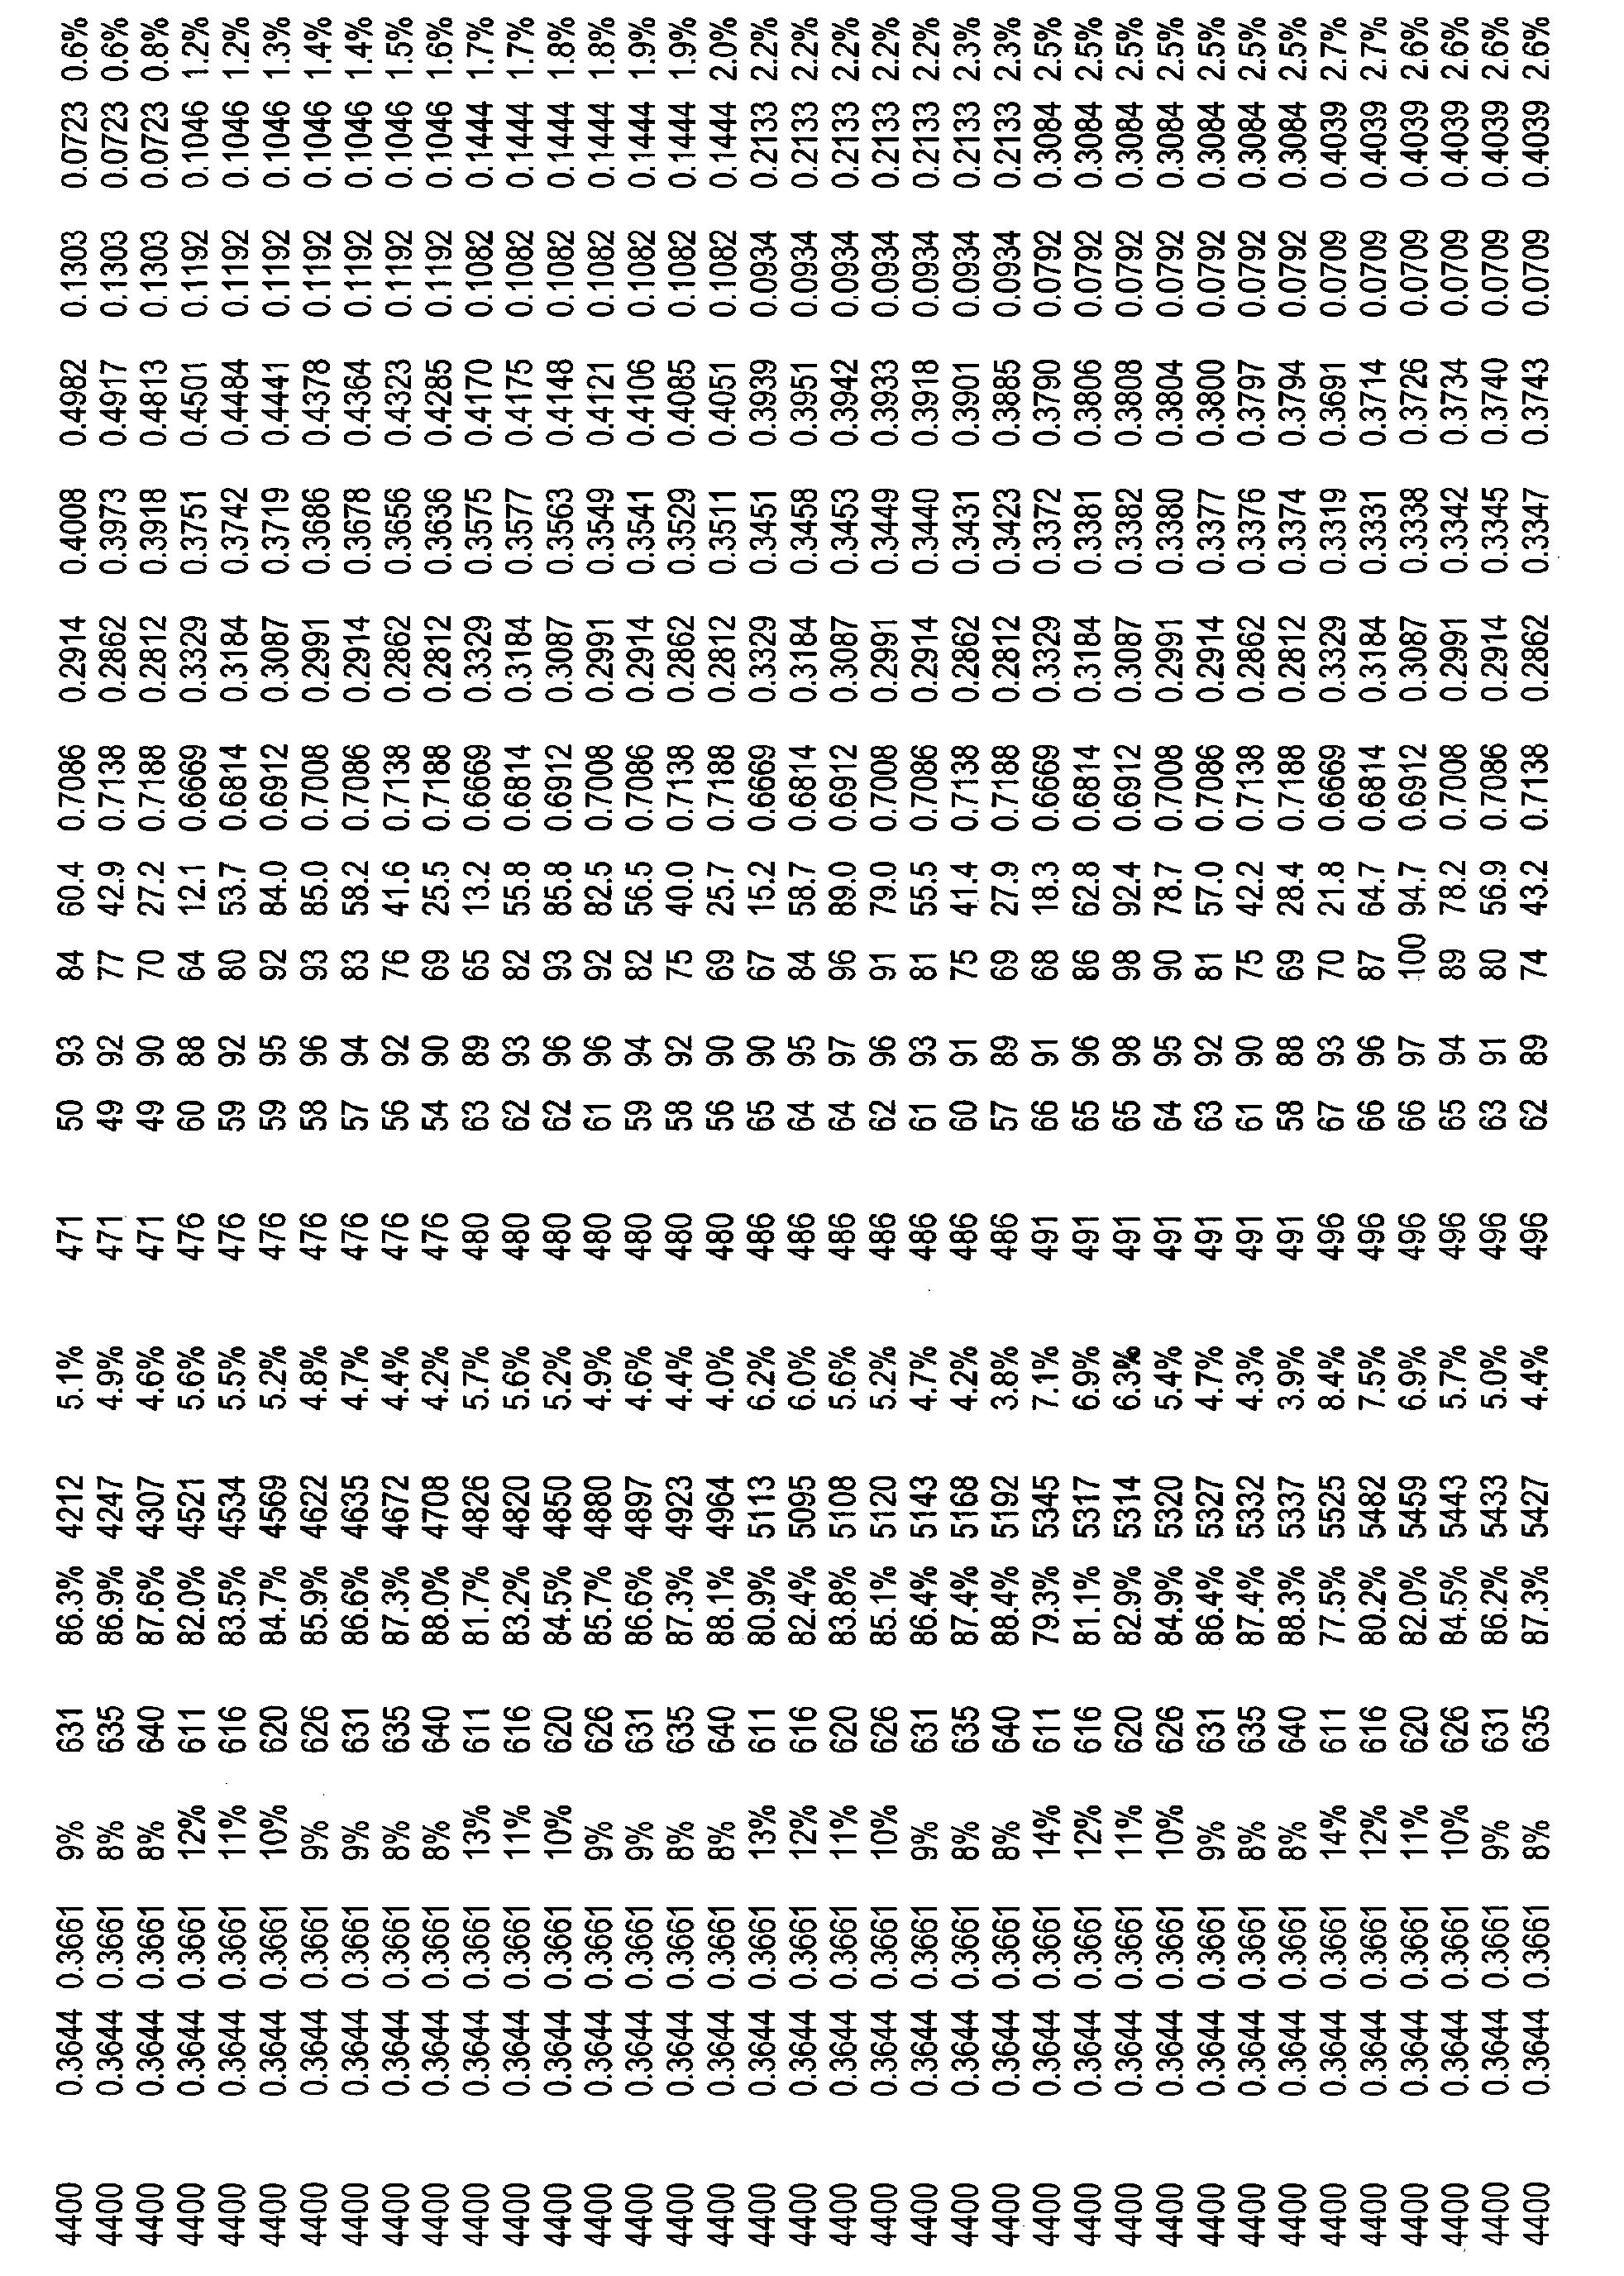 Figure CN101821544BD00801